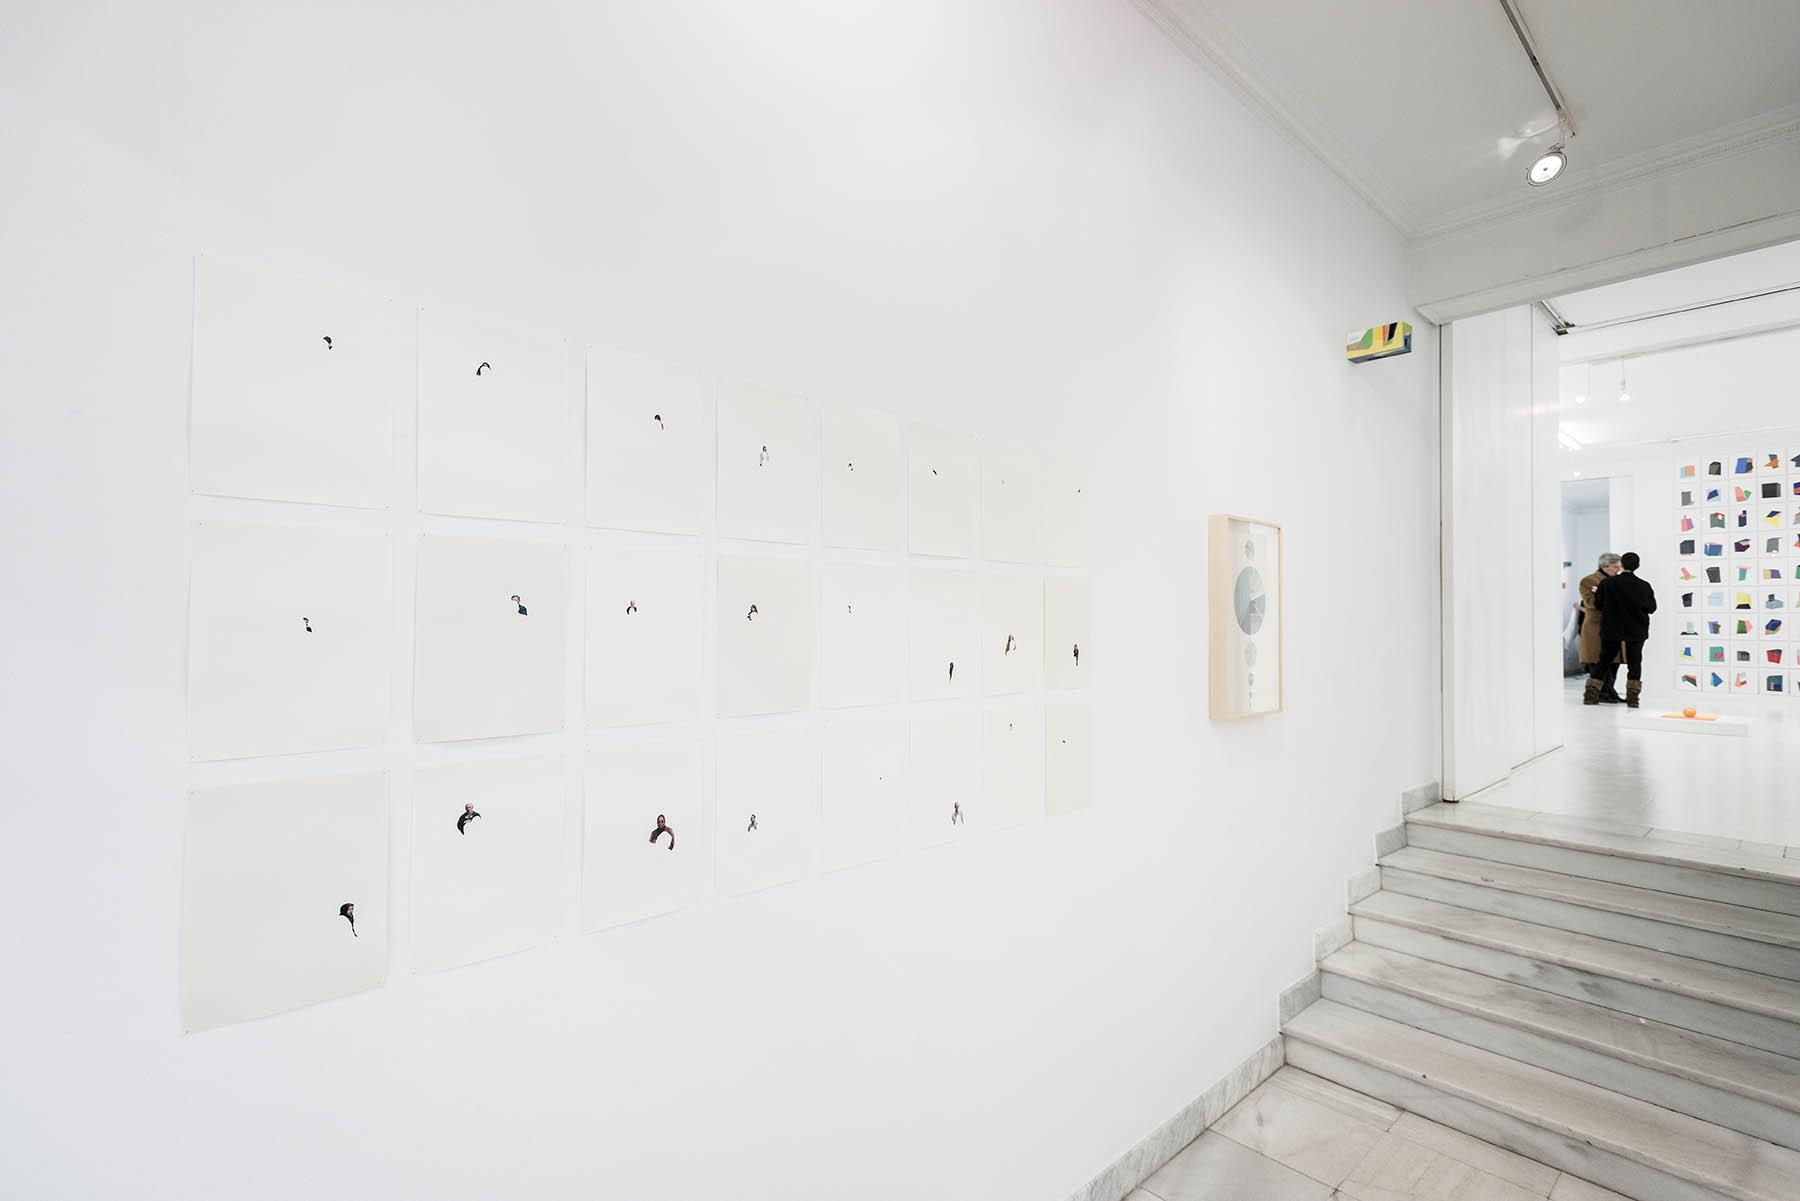 Abstración/Abstração  •  Coloetiva na Galeria Fernando Pradilla • Madri, Espanha • Fevereiro de 2016 • Foto  Ding Musa